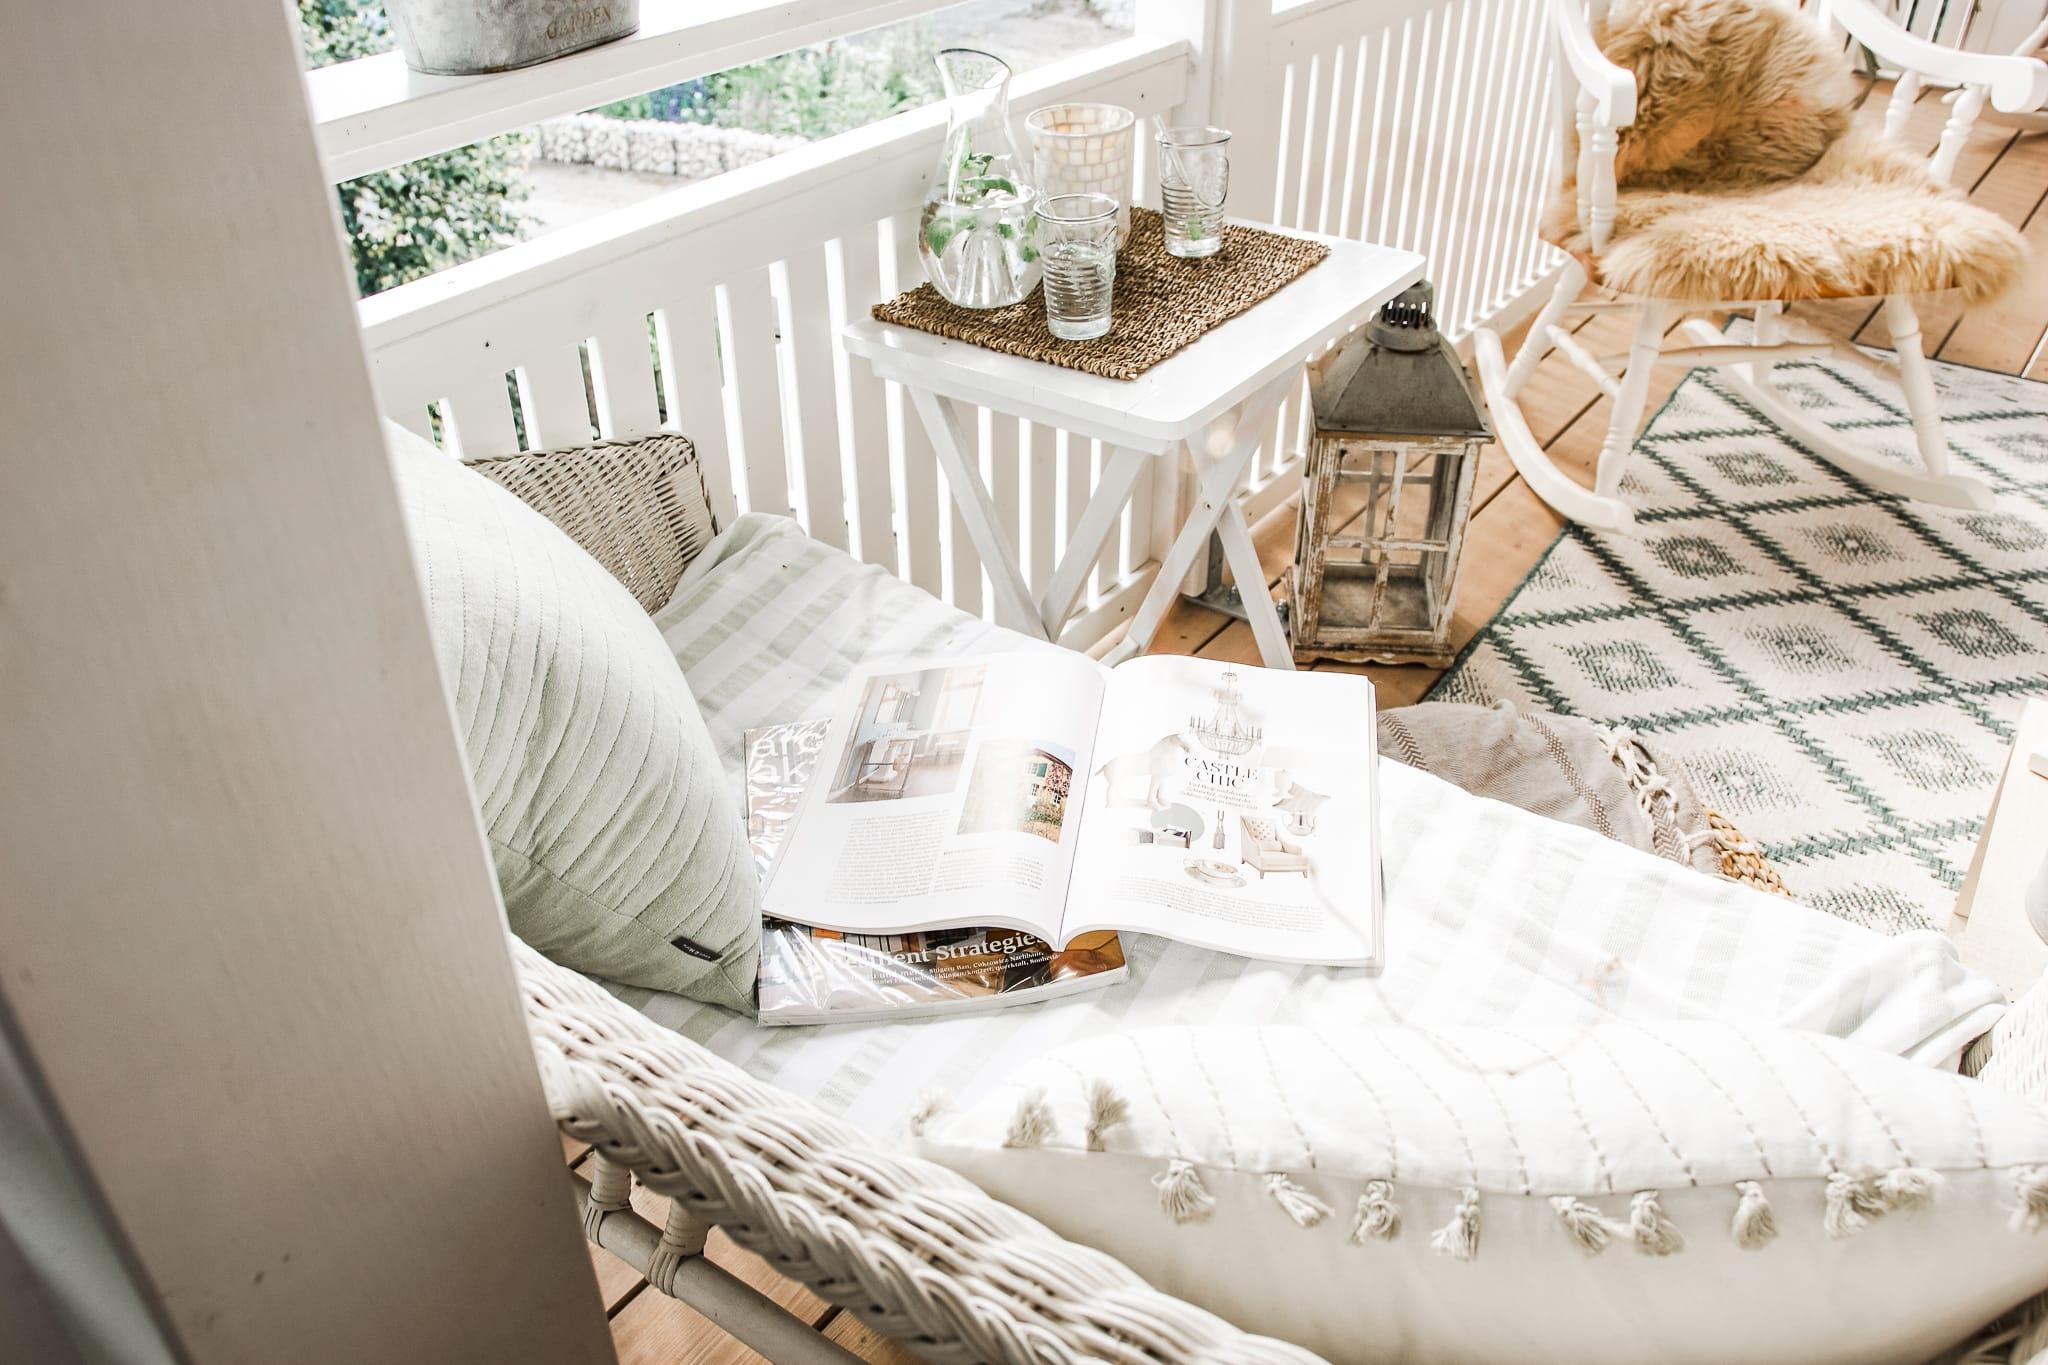 Balkon mit Rattanmöbeln in weis